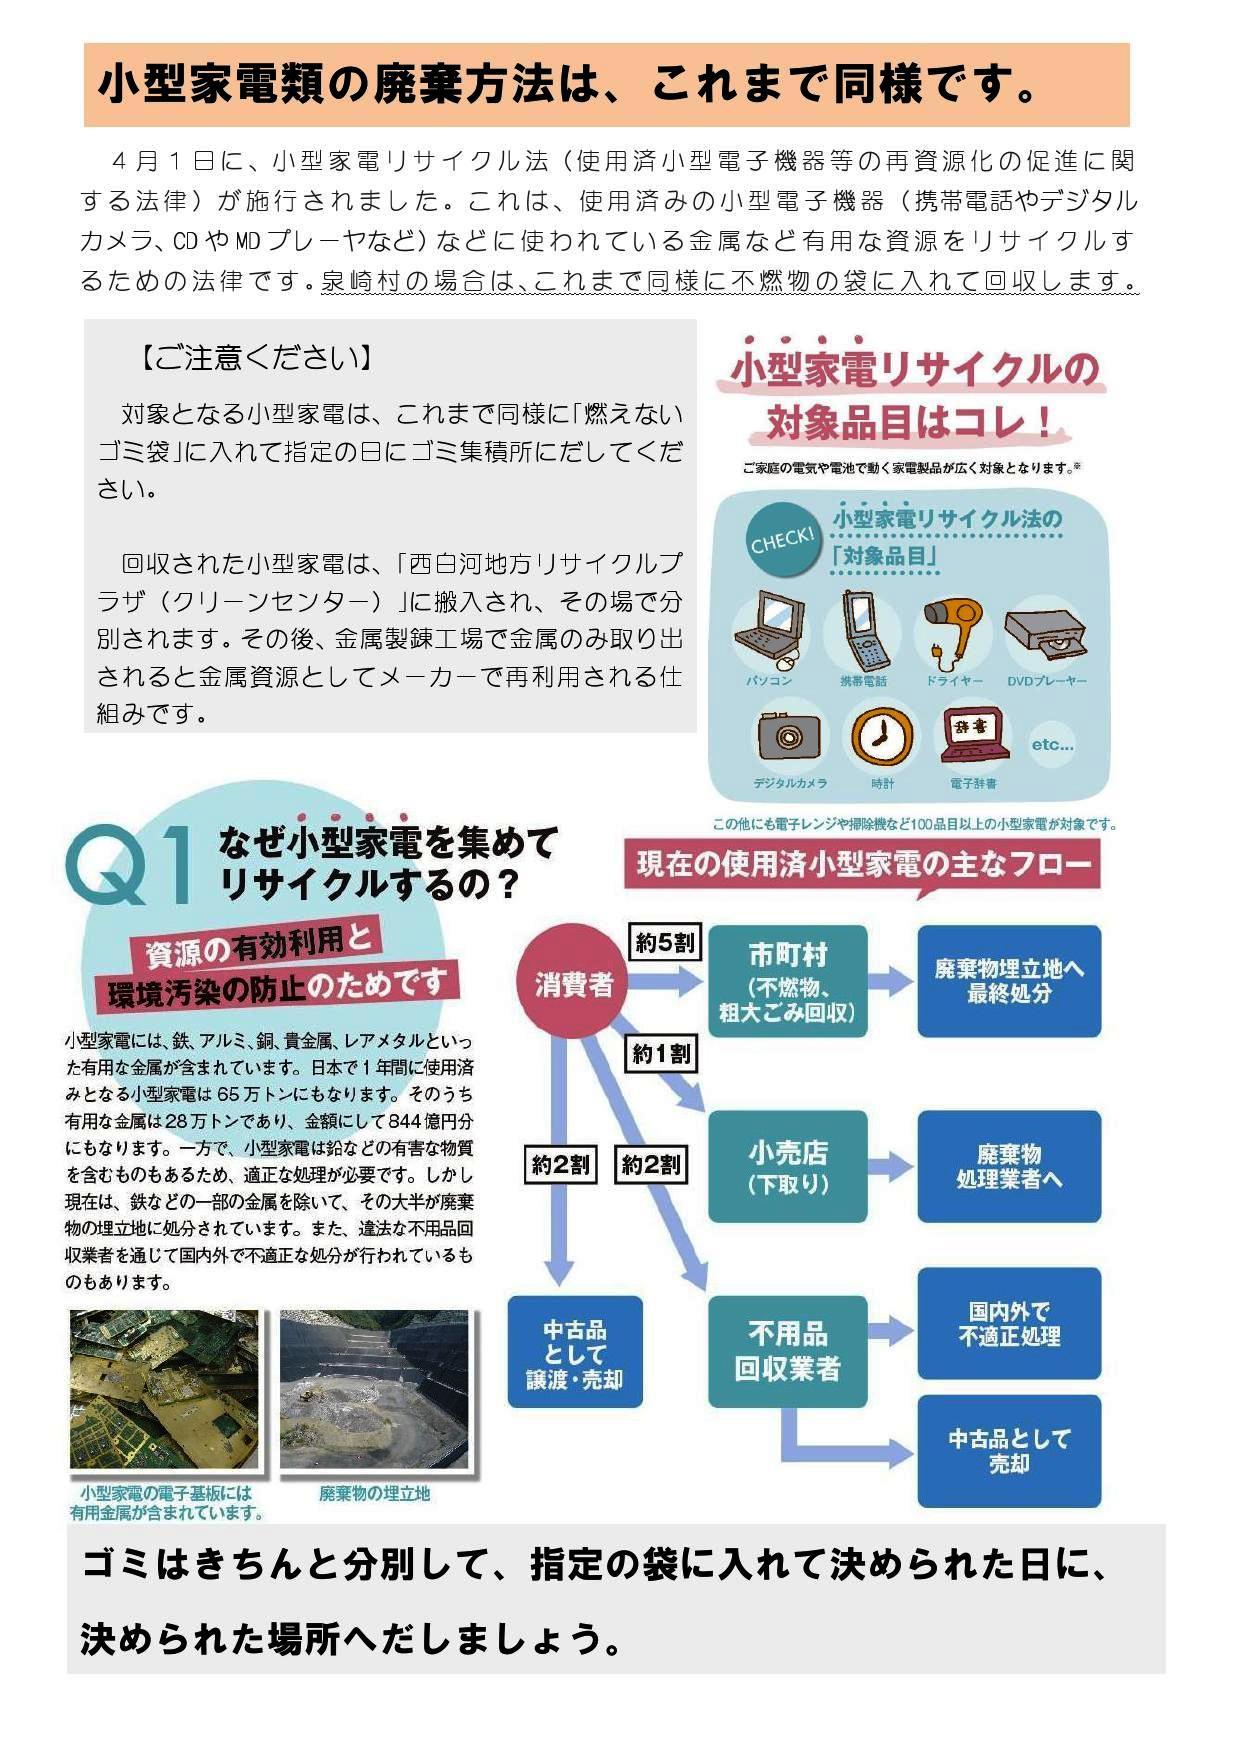 『『小型家電リサイクル法がスタートしました。』の画像』の画像